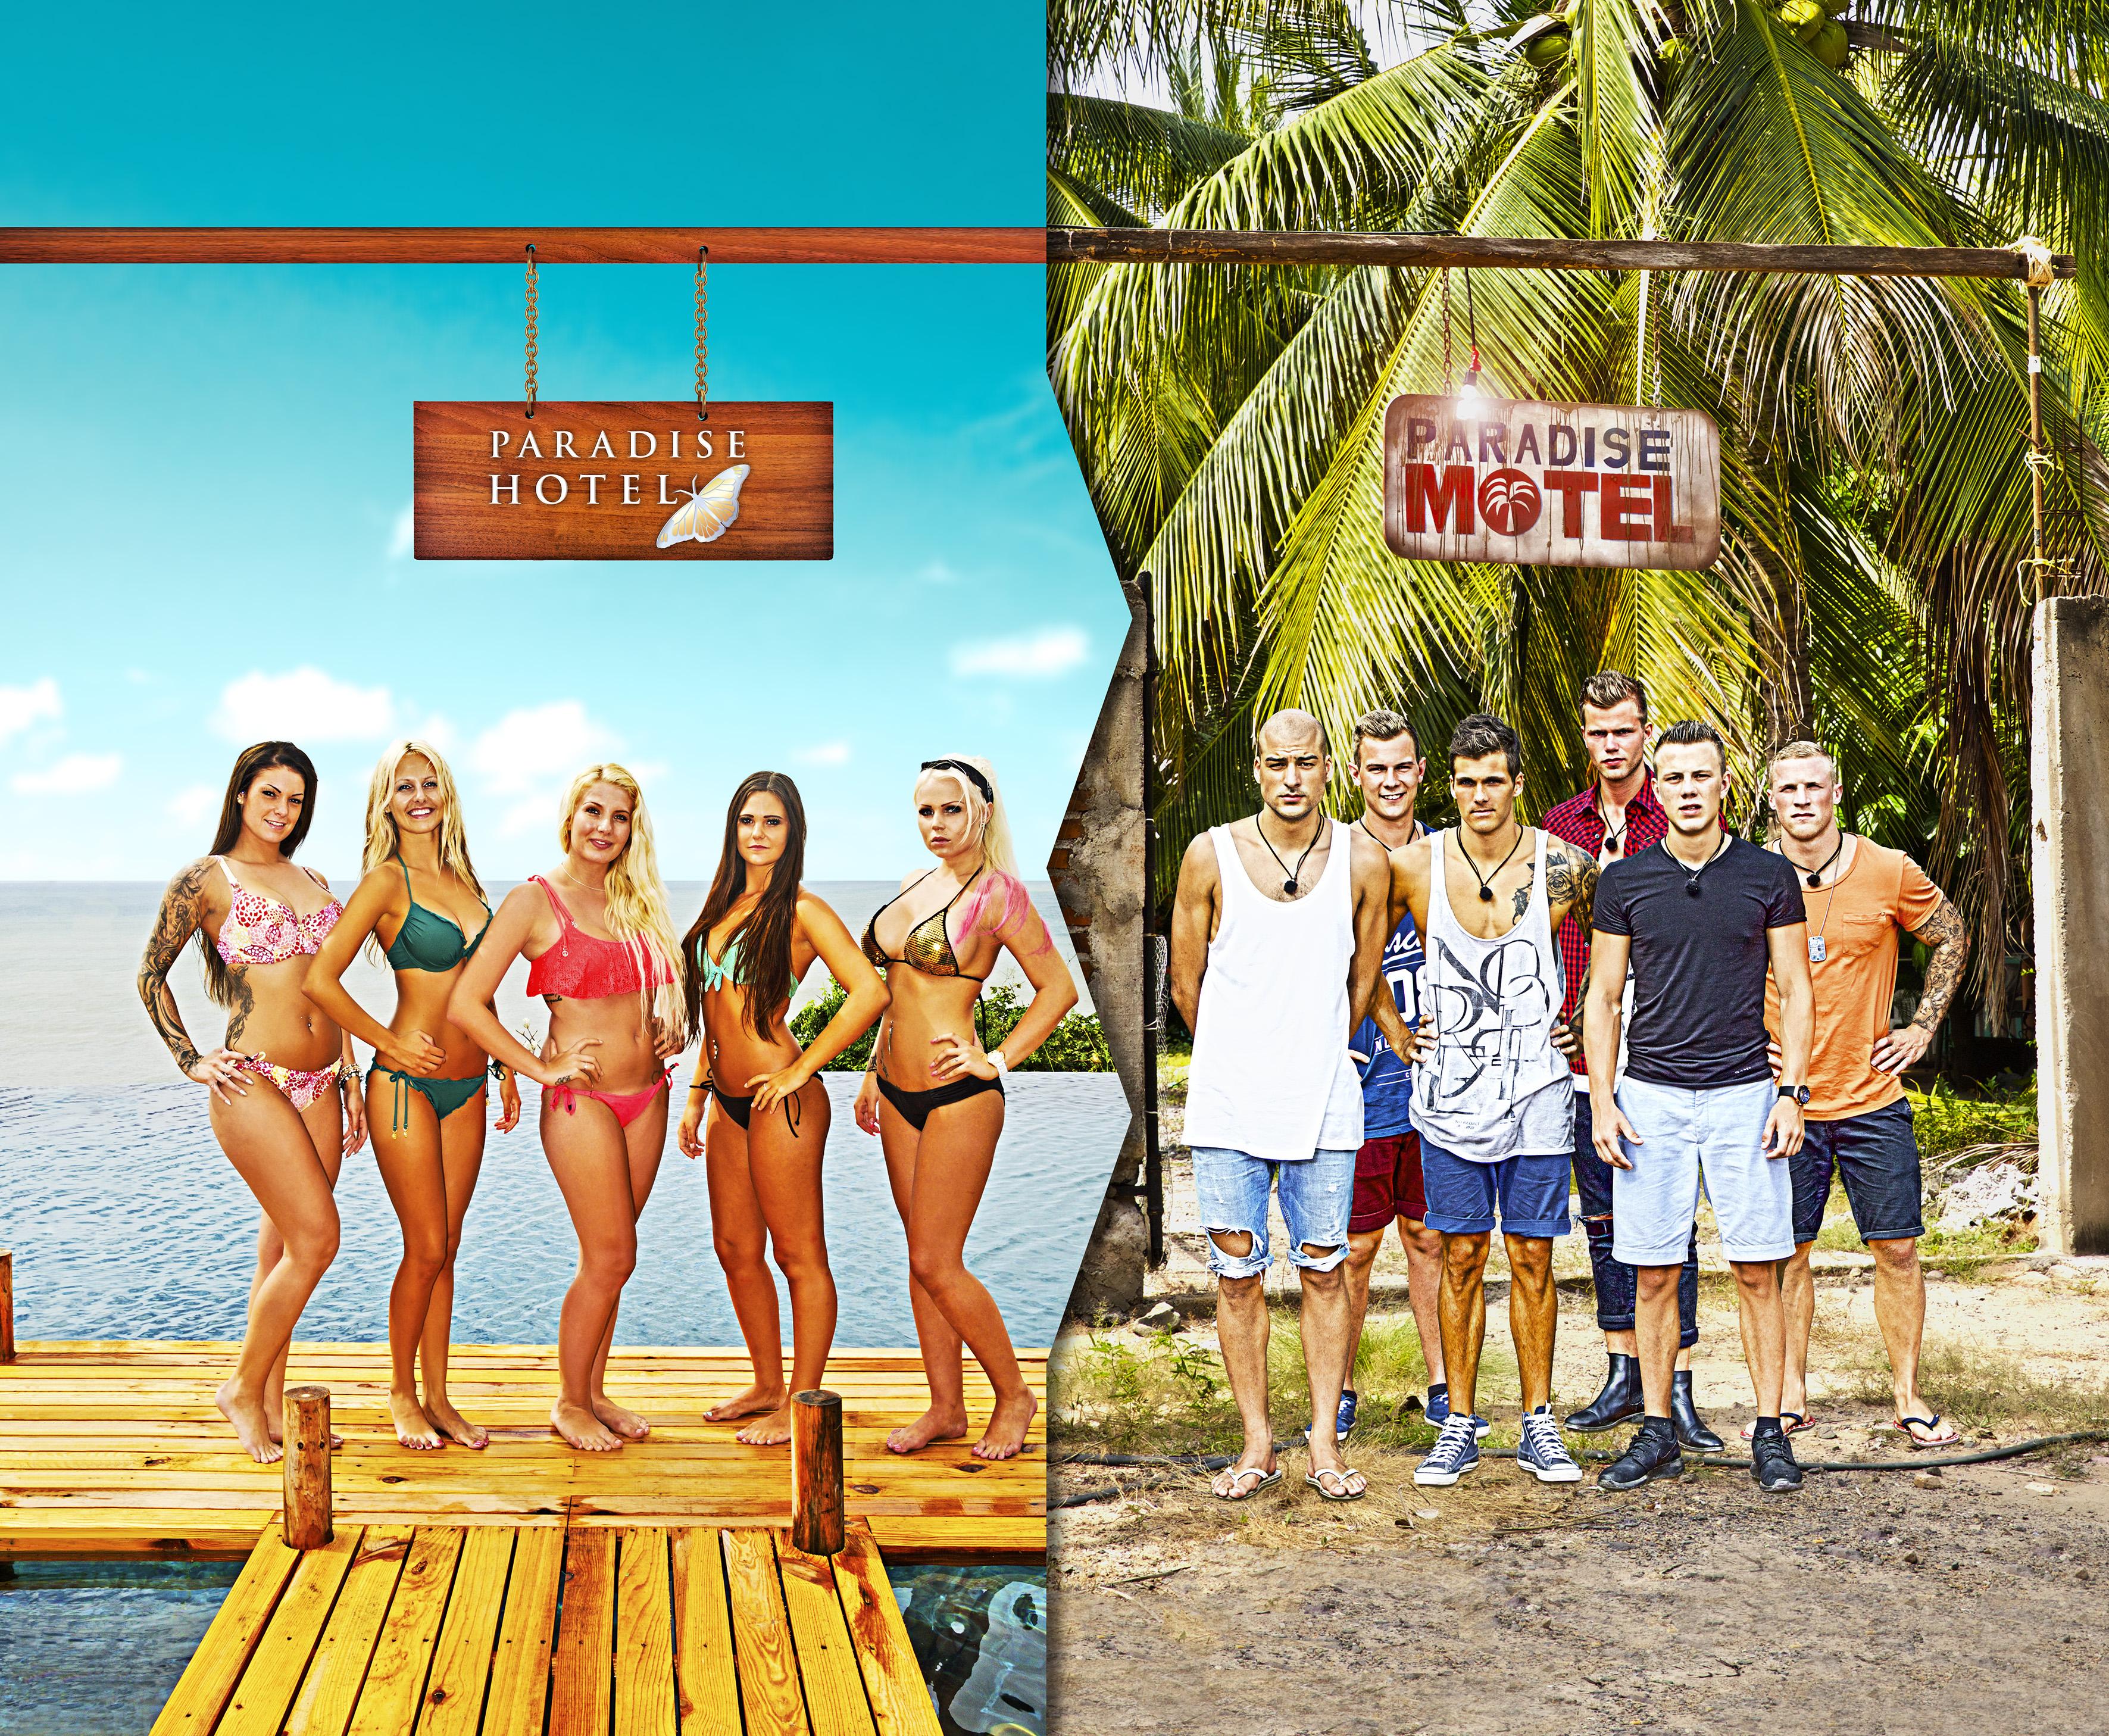 Paradise Hotel 2015 i Danmark